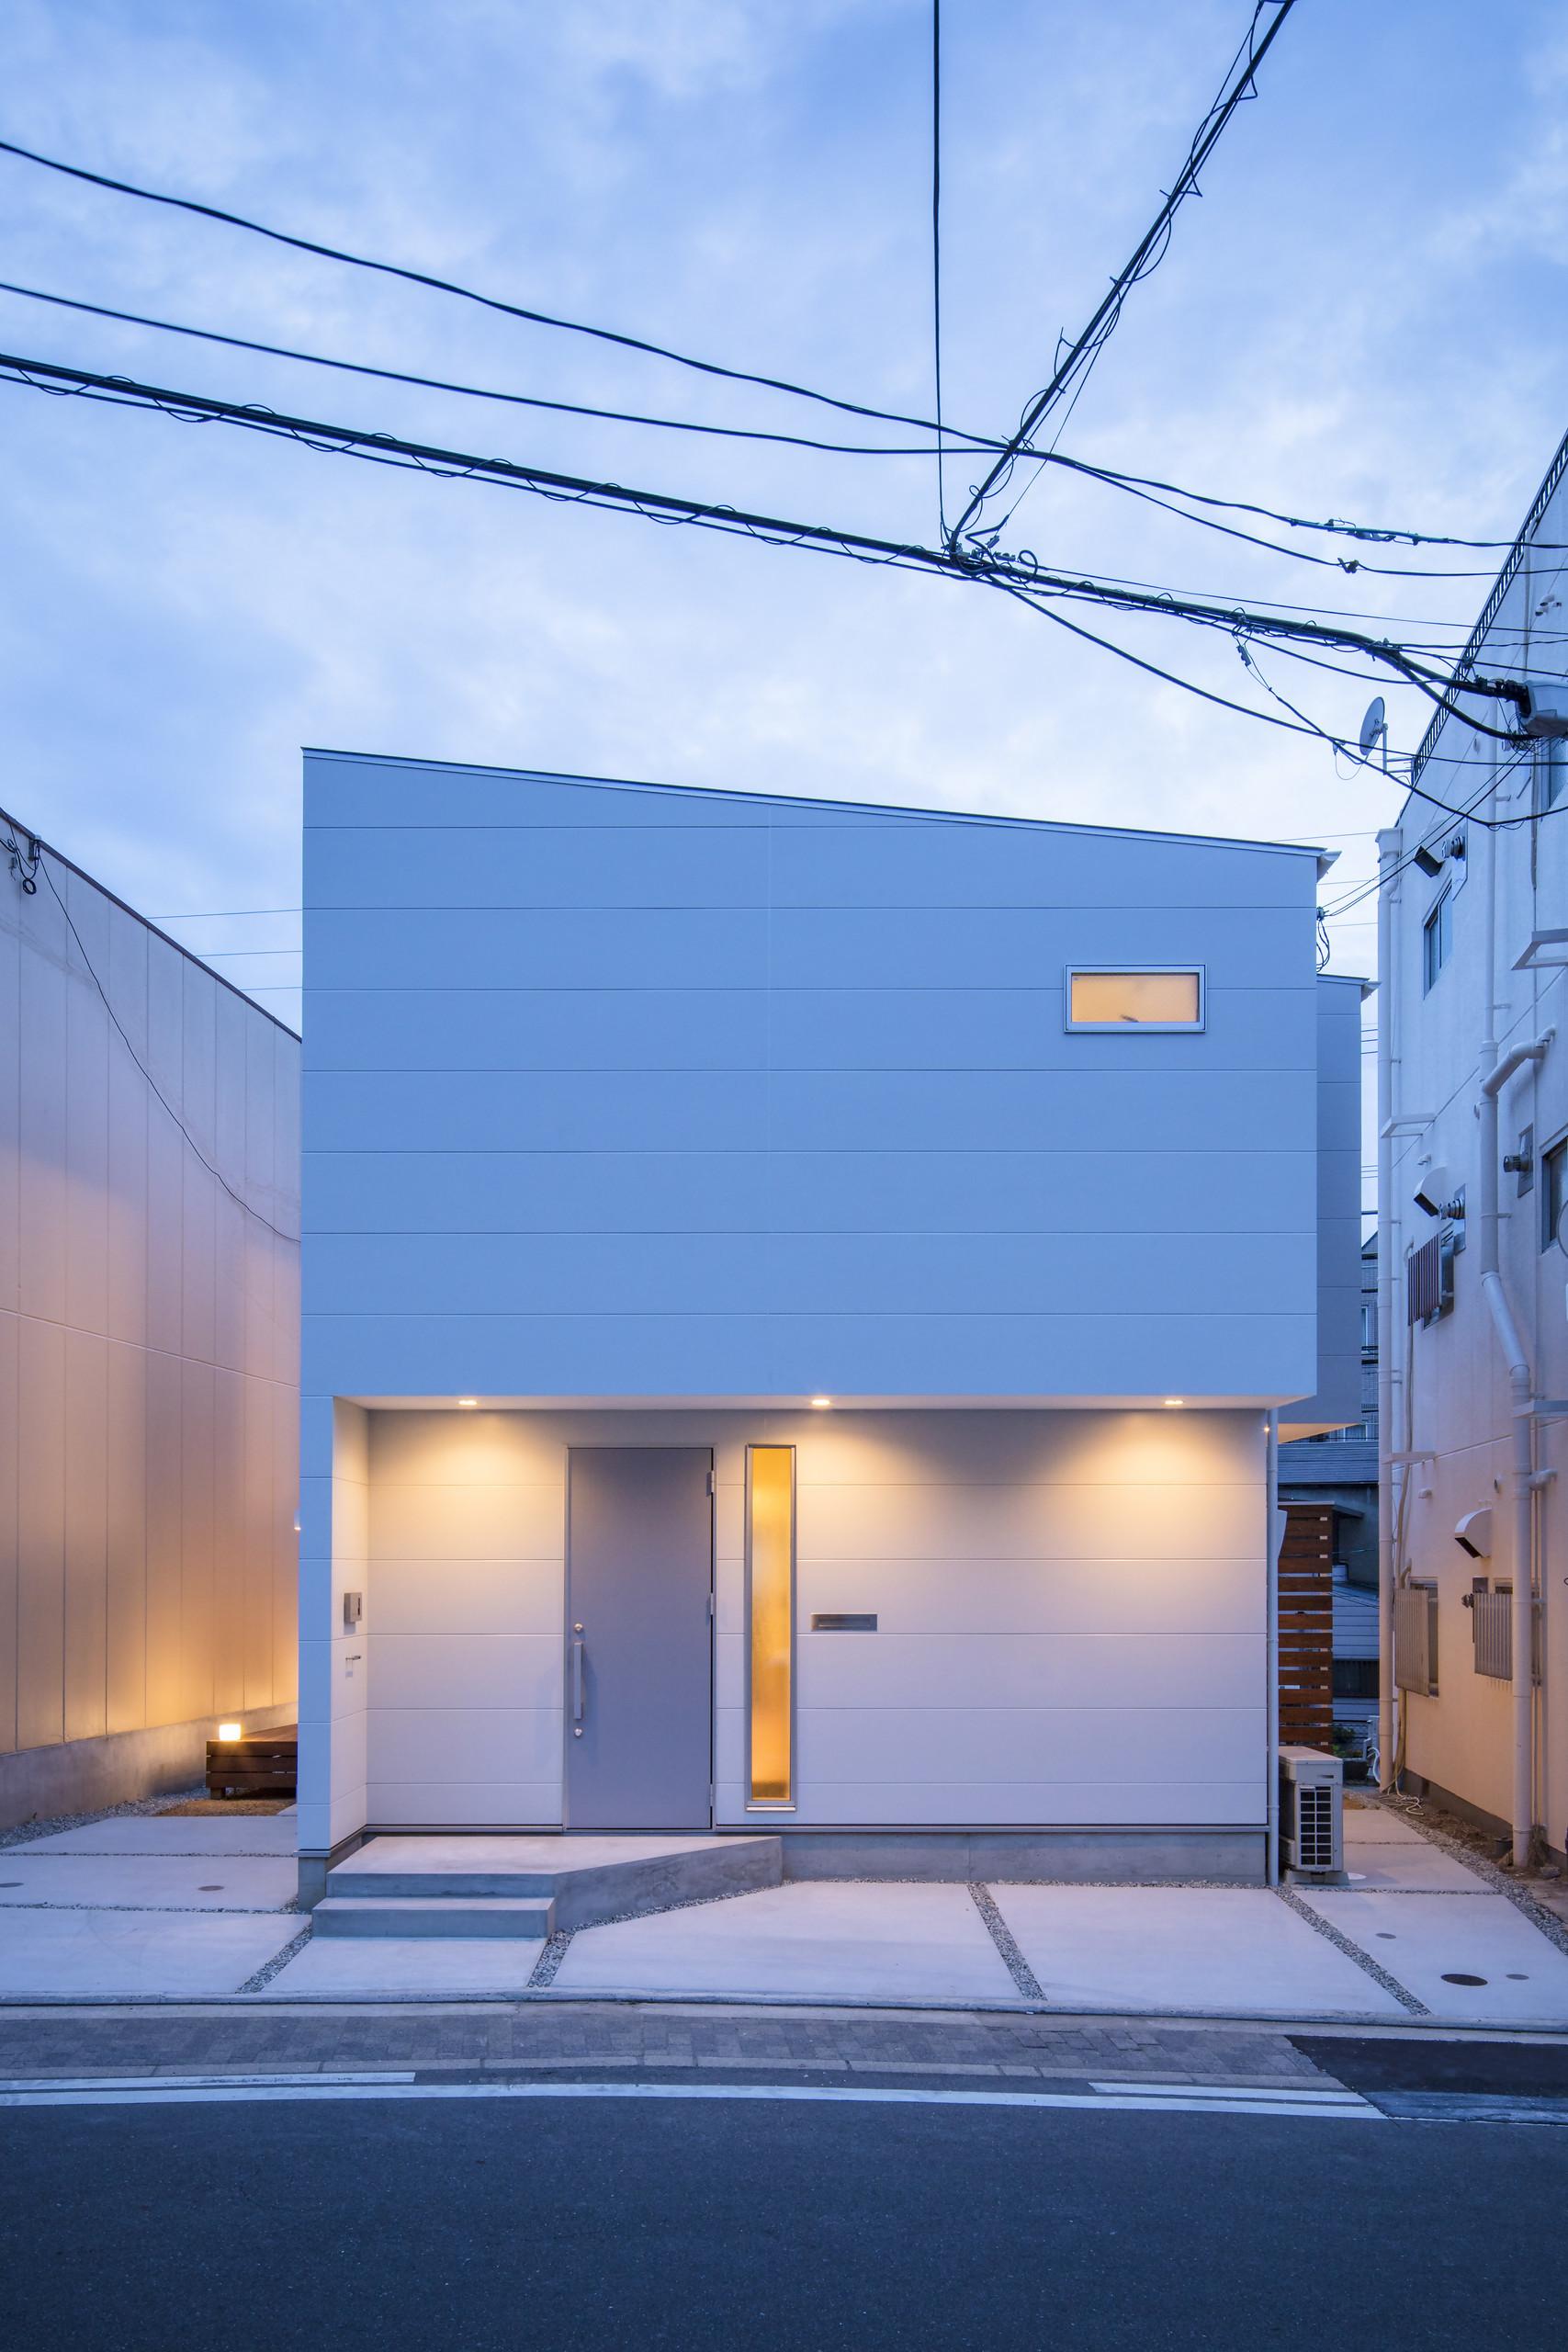 堺区の家2の建築事例写真